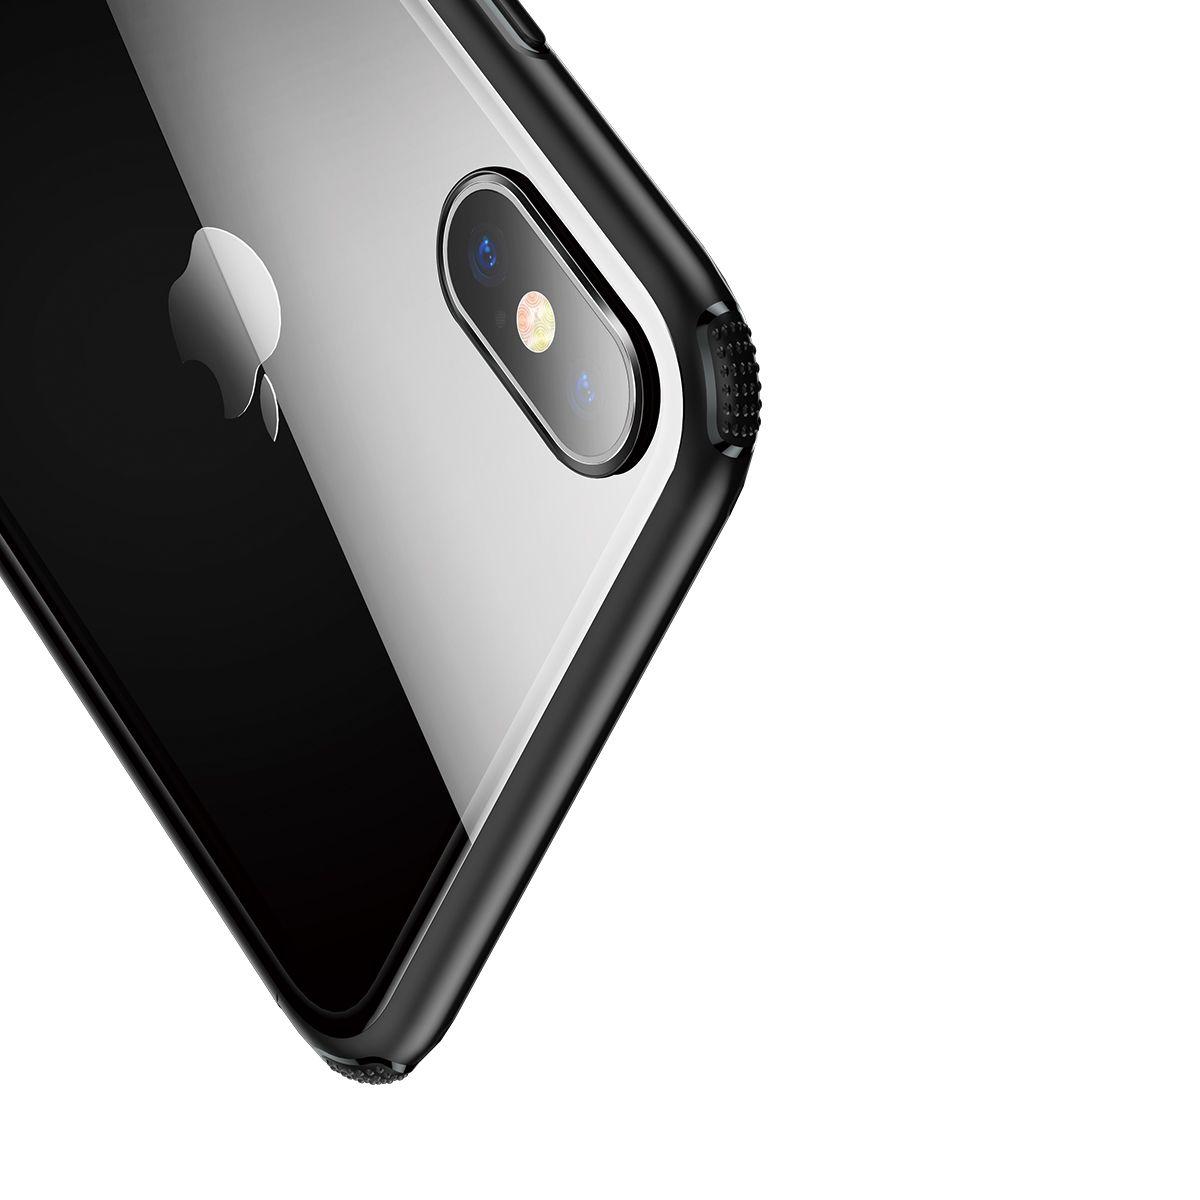 Capa Protetora Transparente para iPhone XS Max Baseus Glass